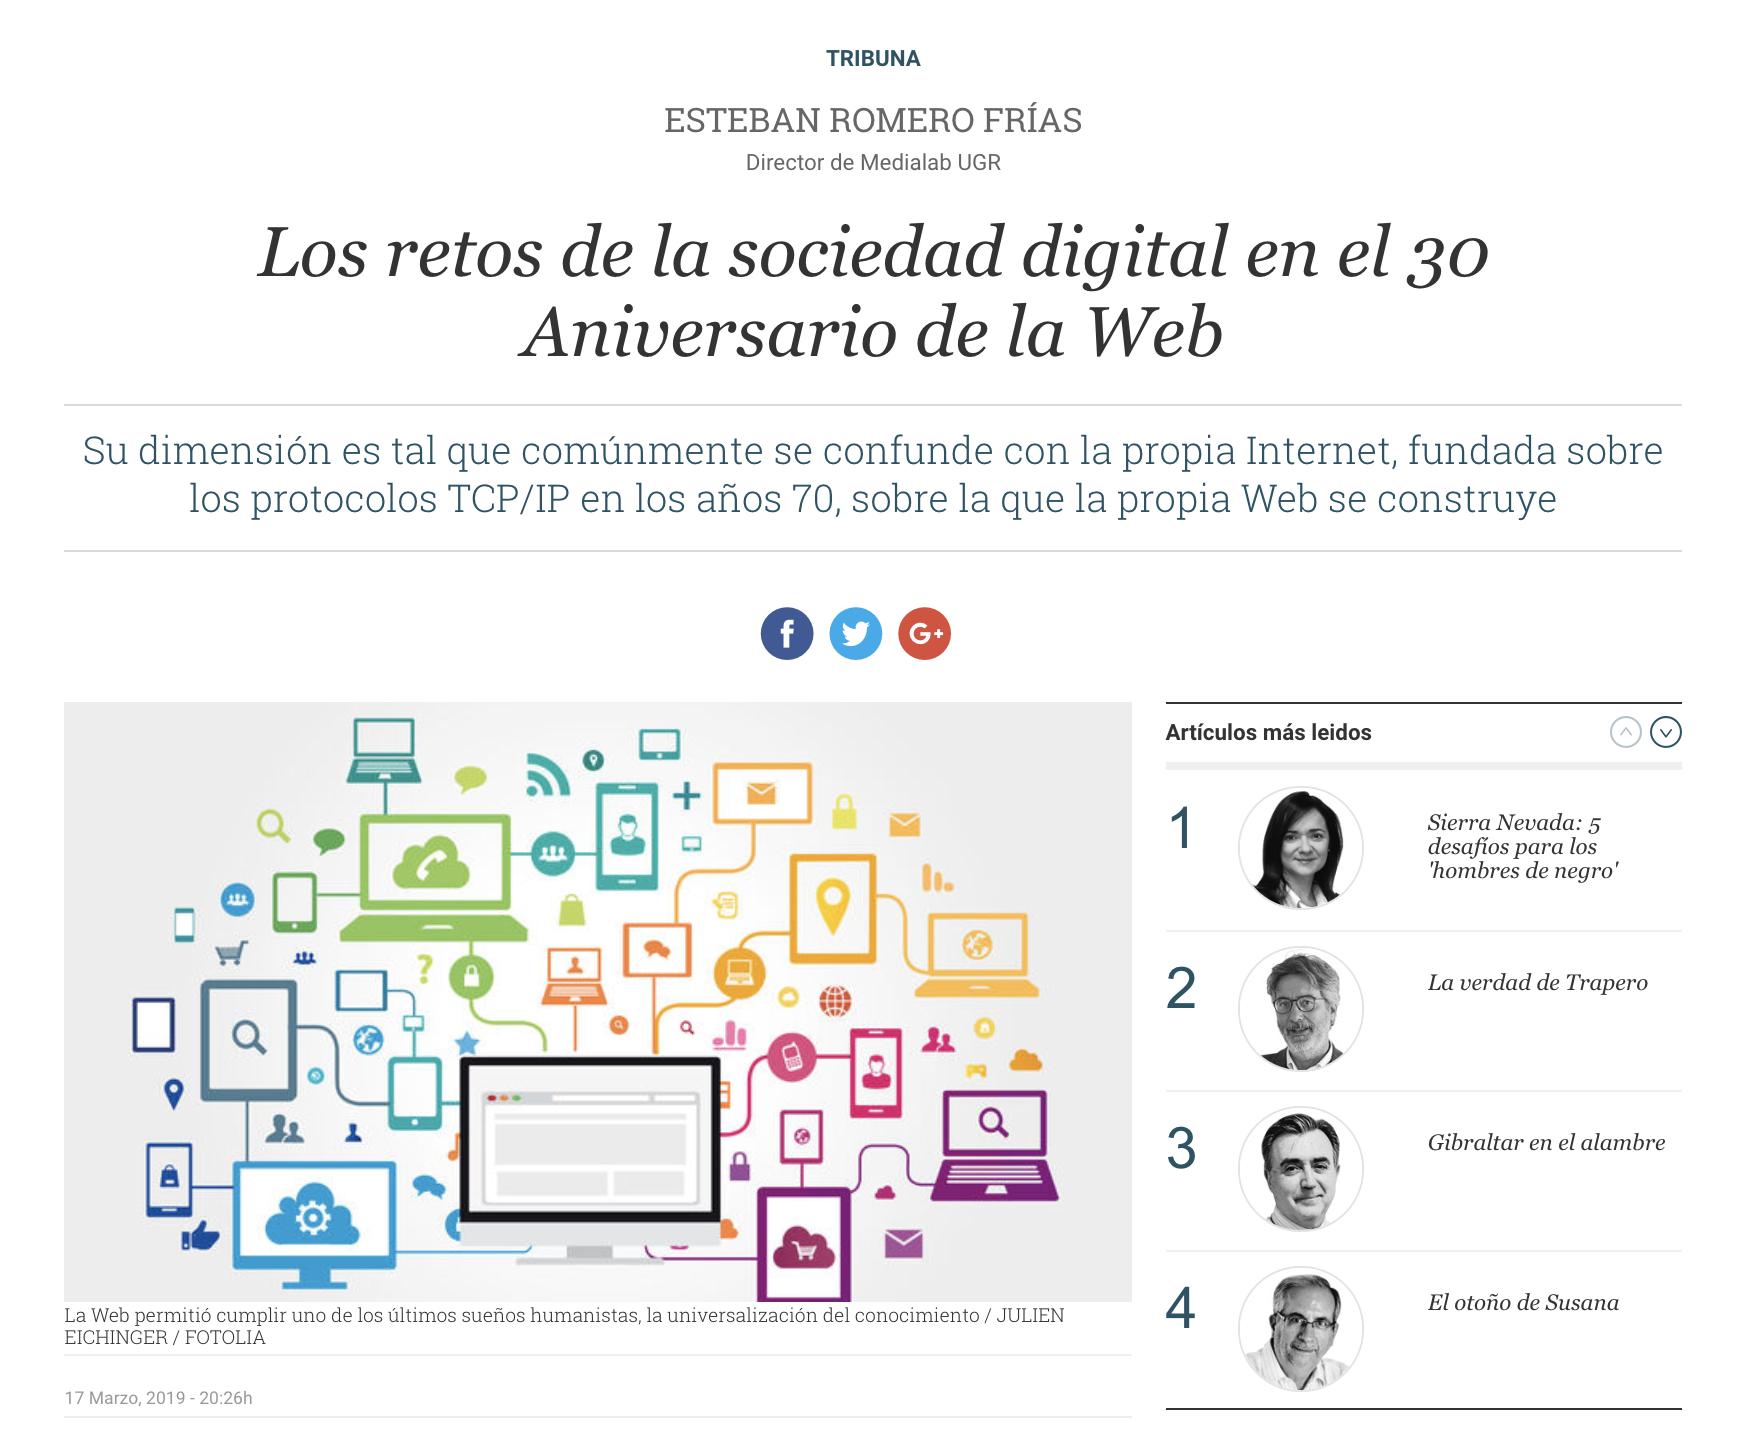 Los retos de la sociedad digital en el 30 Aniversario de la Web